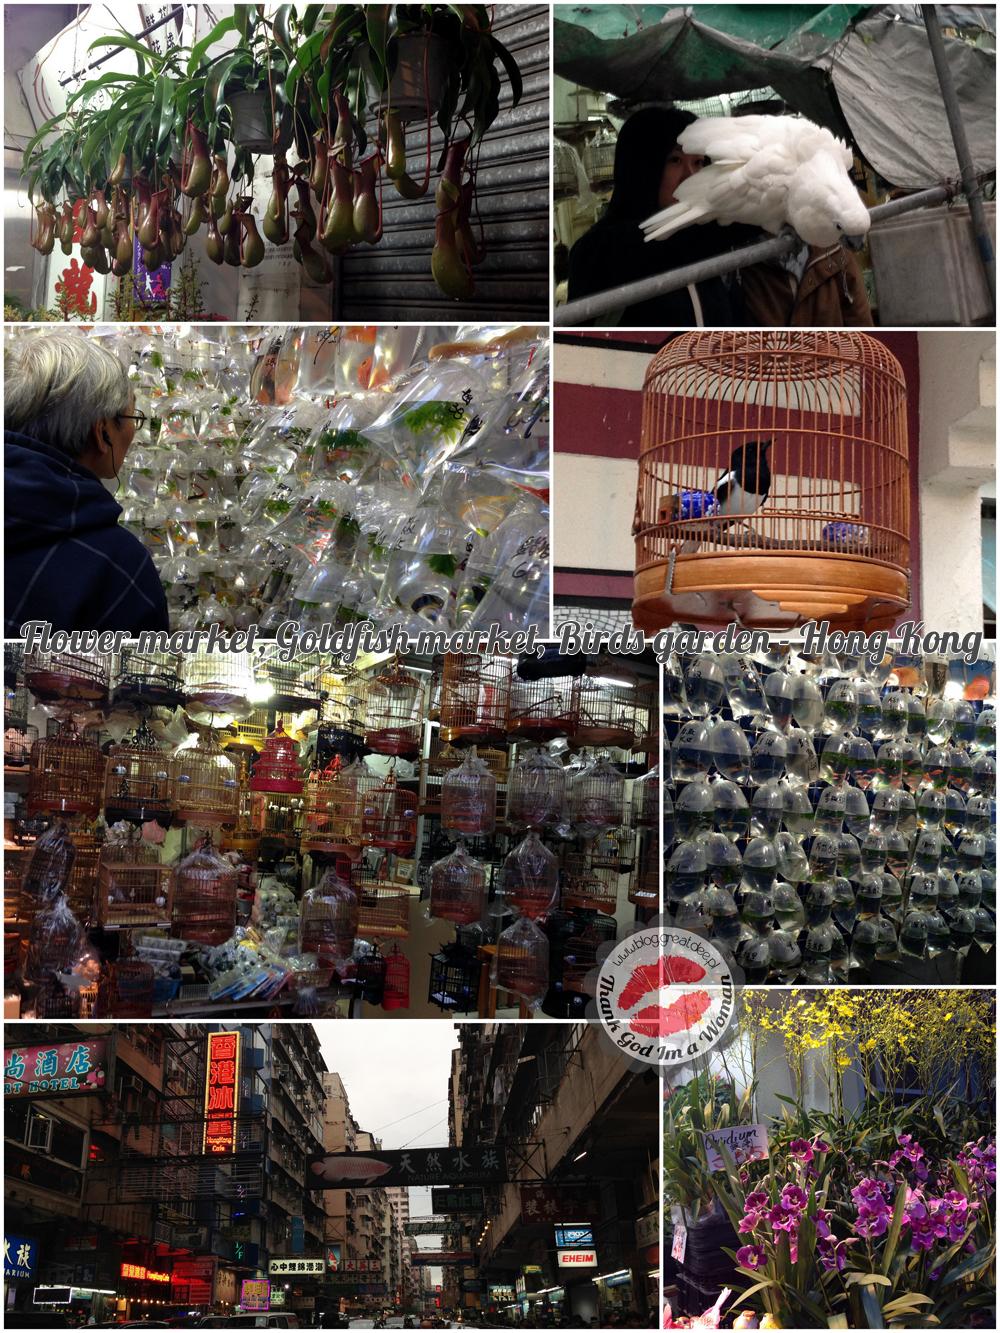 Flower market, Goldfish market, Birds garden - Hong Kong